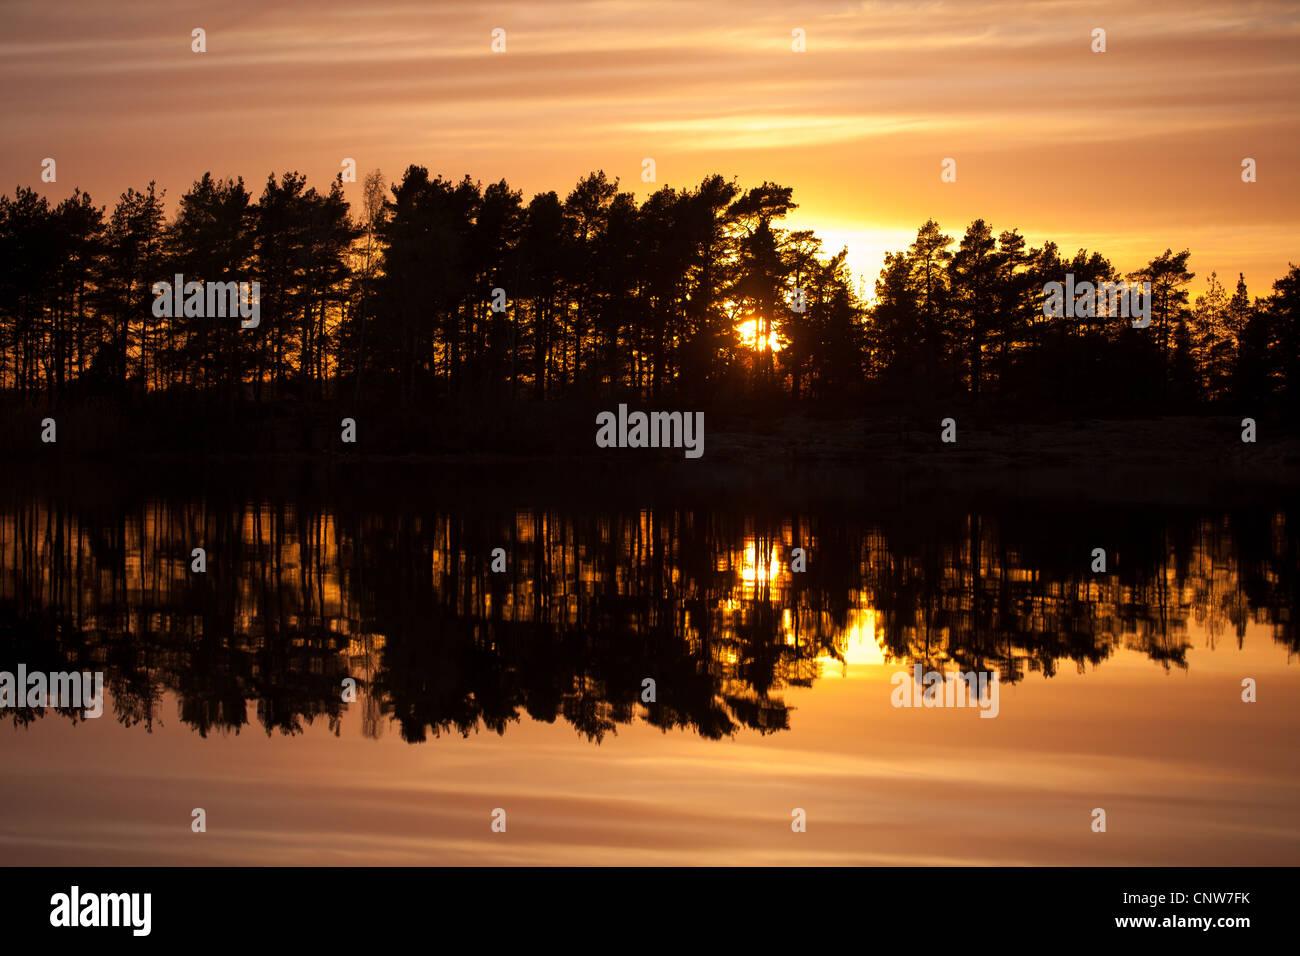 Wald, Sonnenuntergang und Reflexionen in den See Vansjø, Råde Kommune, Østfold Fylke, Norwegen. Stockbild